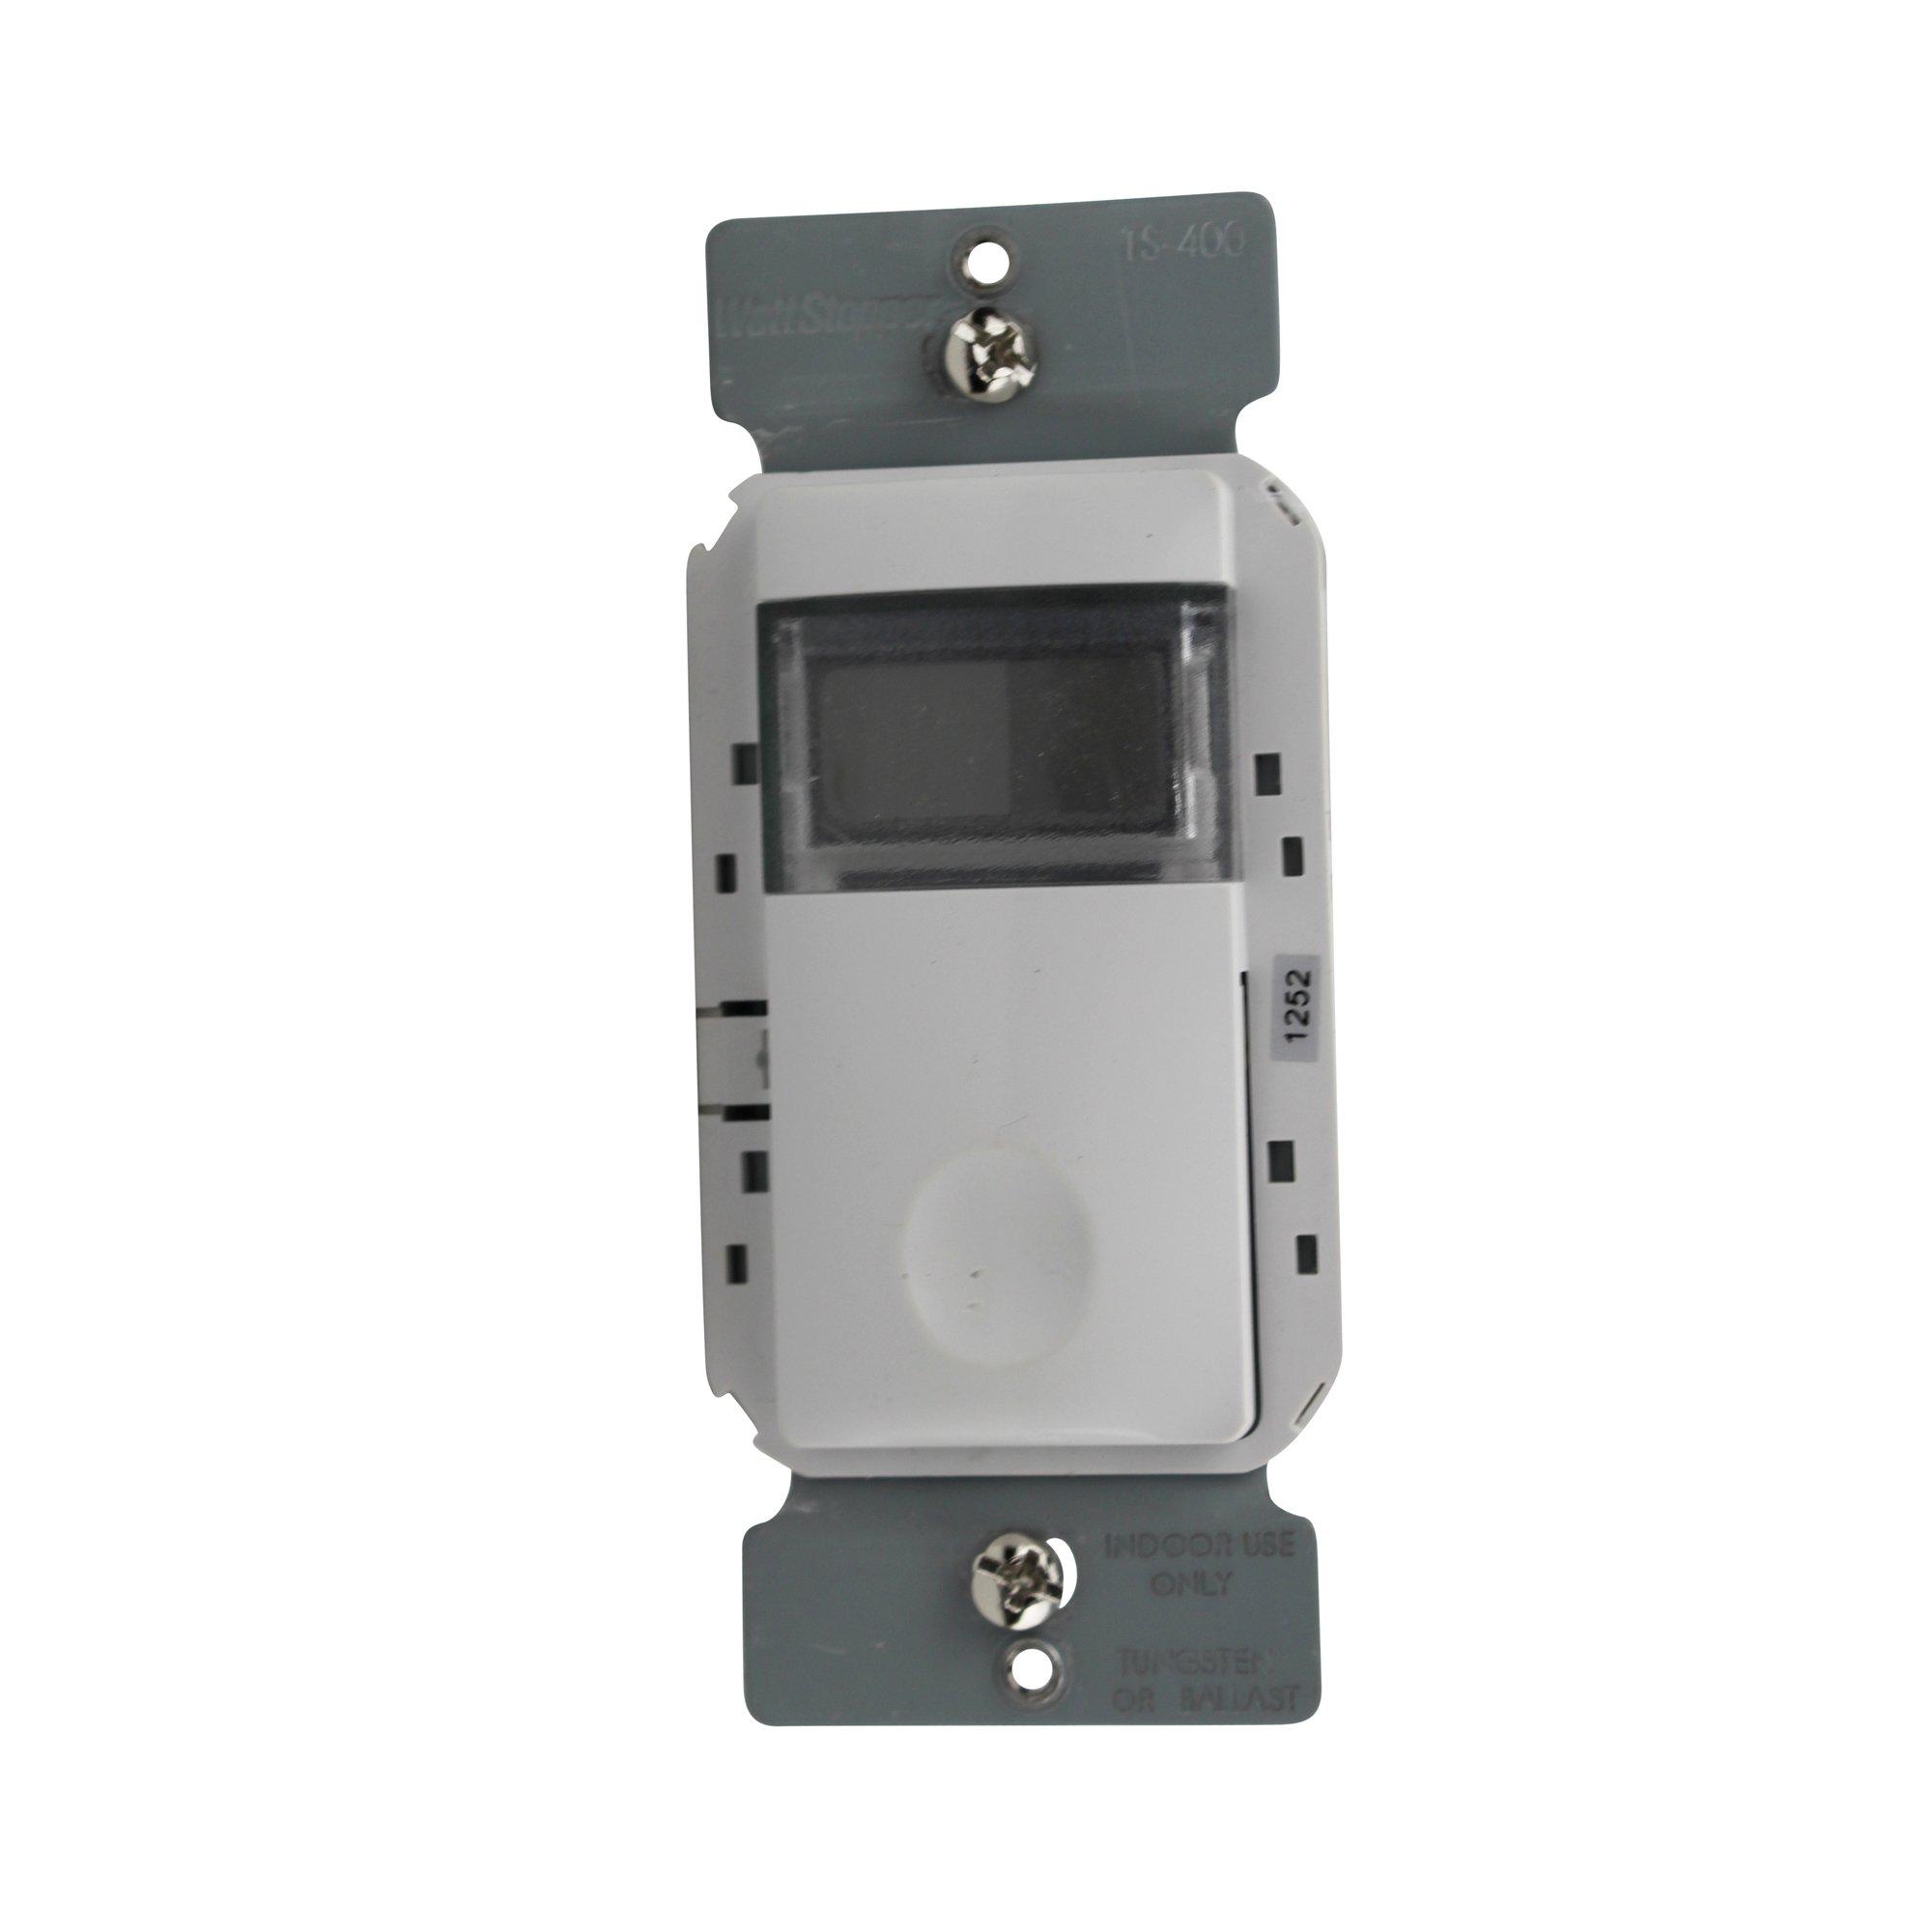 Wattstopper TS-400-W Time Switch Programmable, 800W, LCD, White